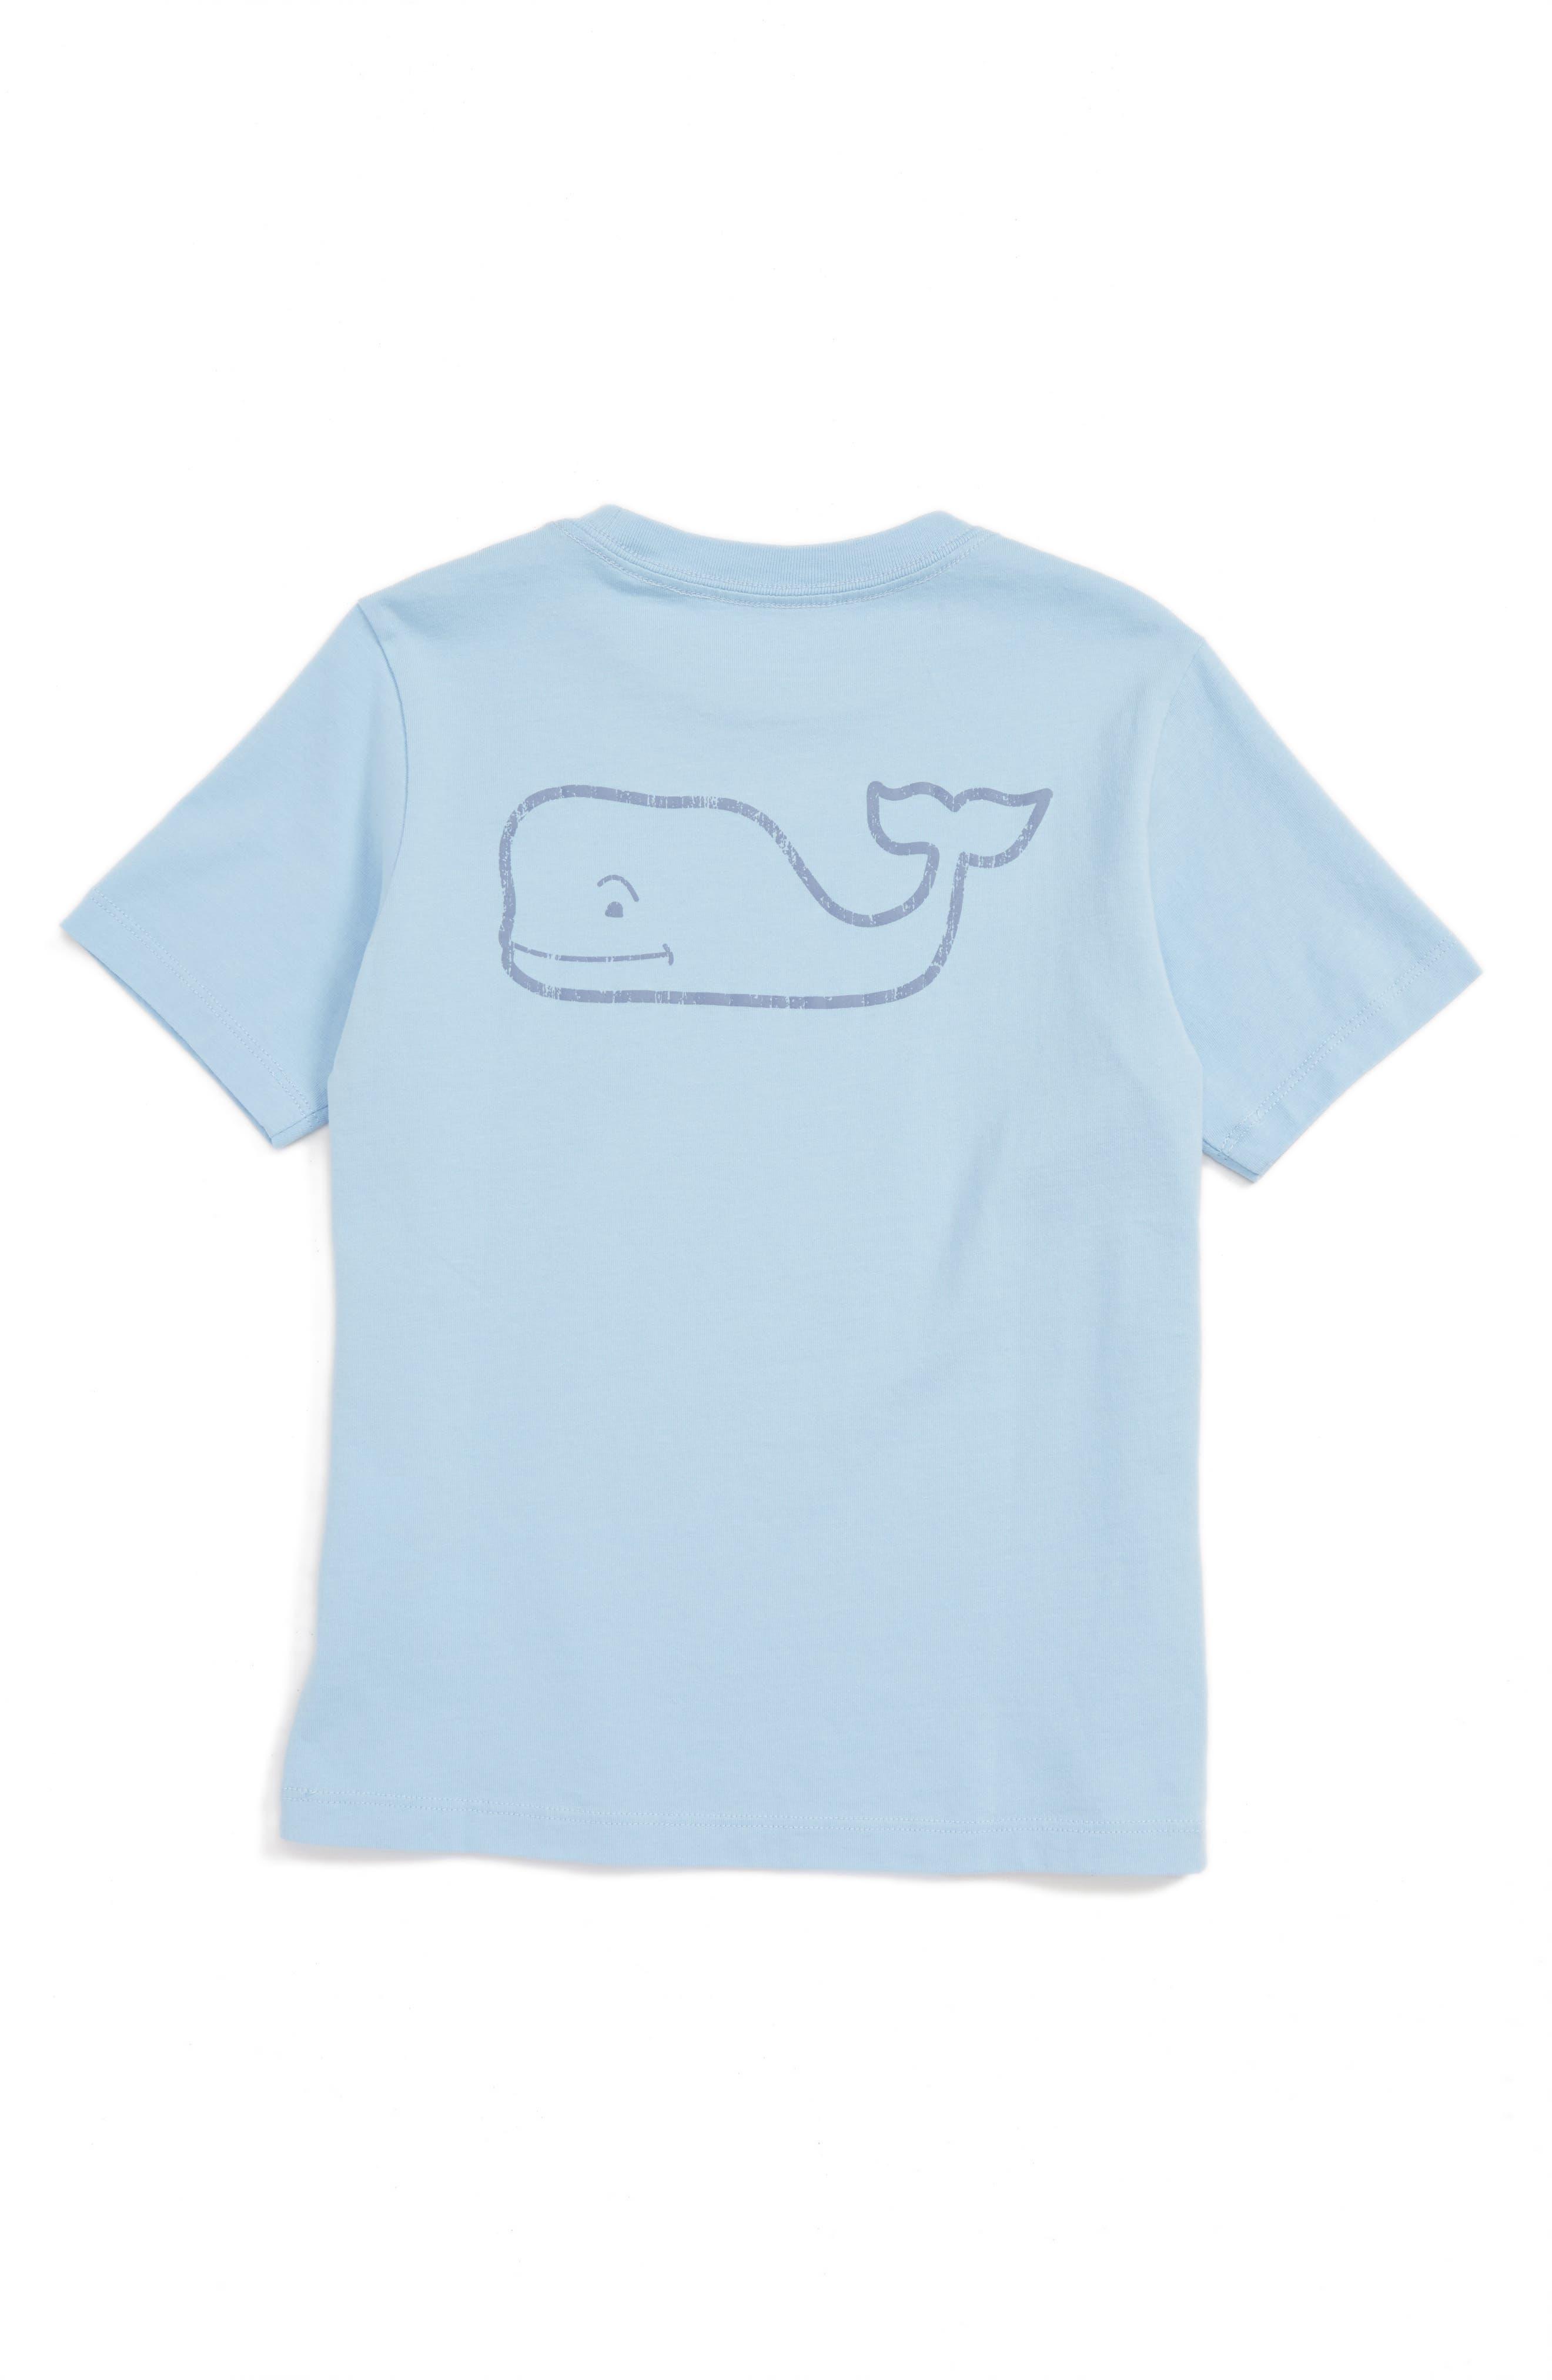 Vineyard vines T-shirts Toddler 2T